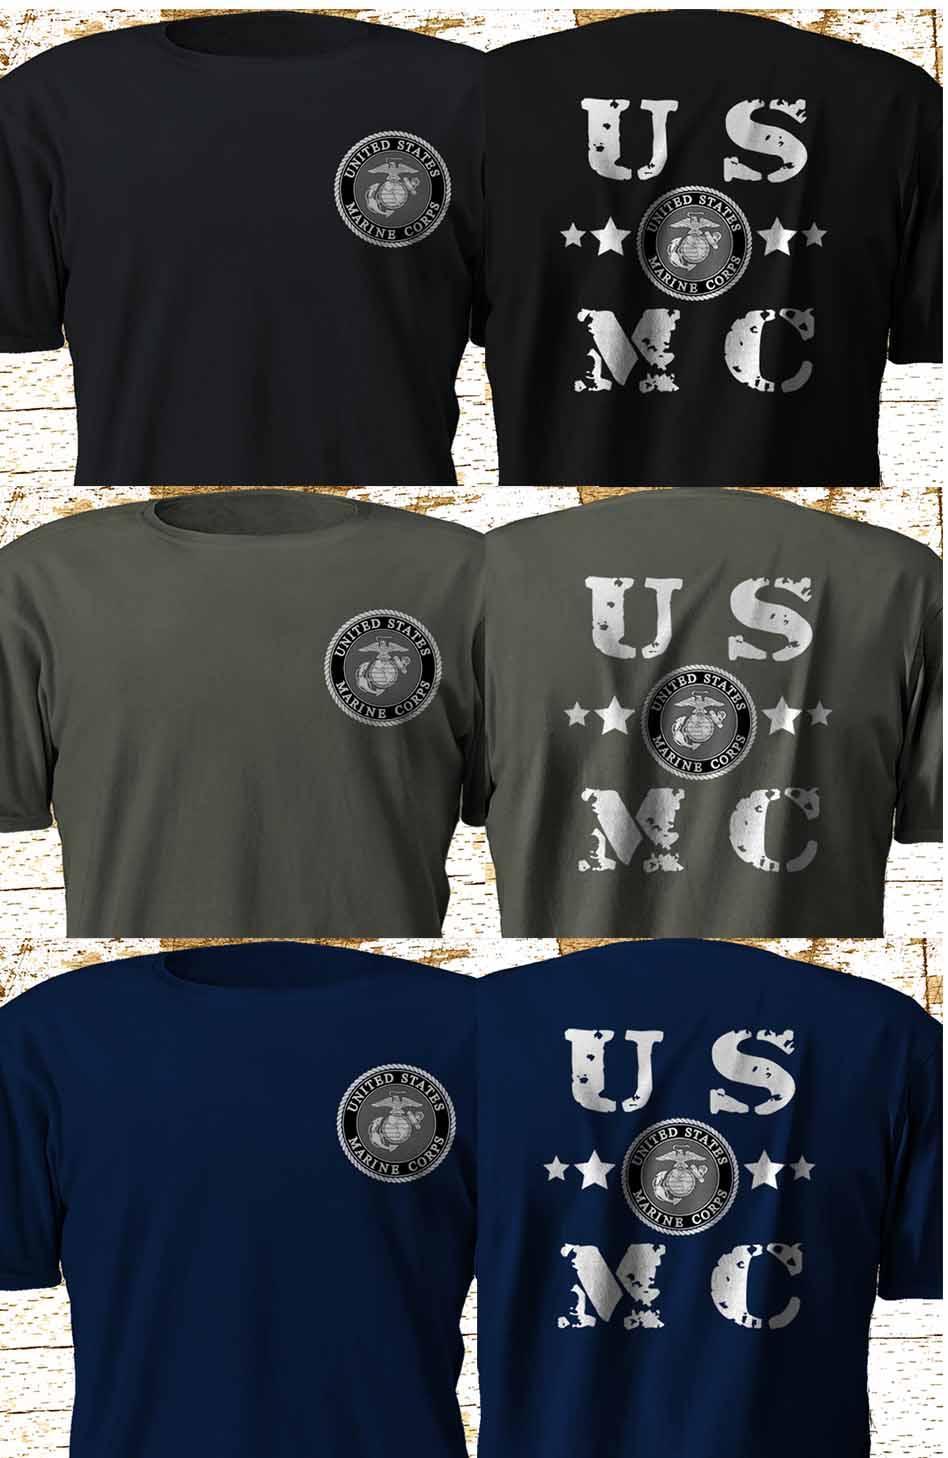 Nueva Usmc Marine Corps Swat Ejército de la policía militar multicolor verano 2019 de manga corta más el tamaño de la manga Tops Homme Camiseta